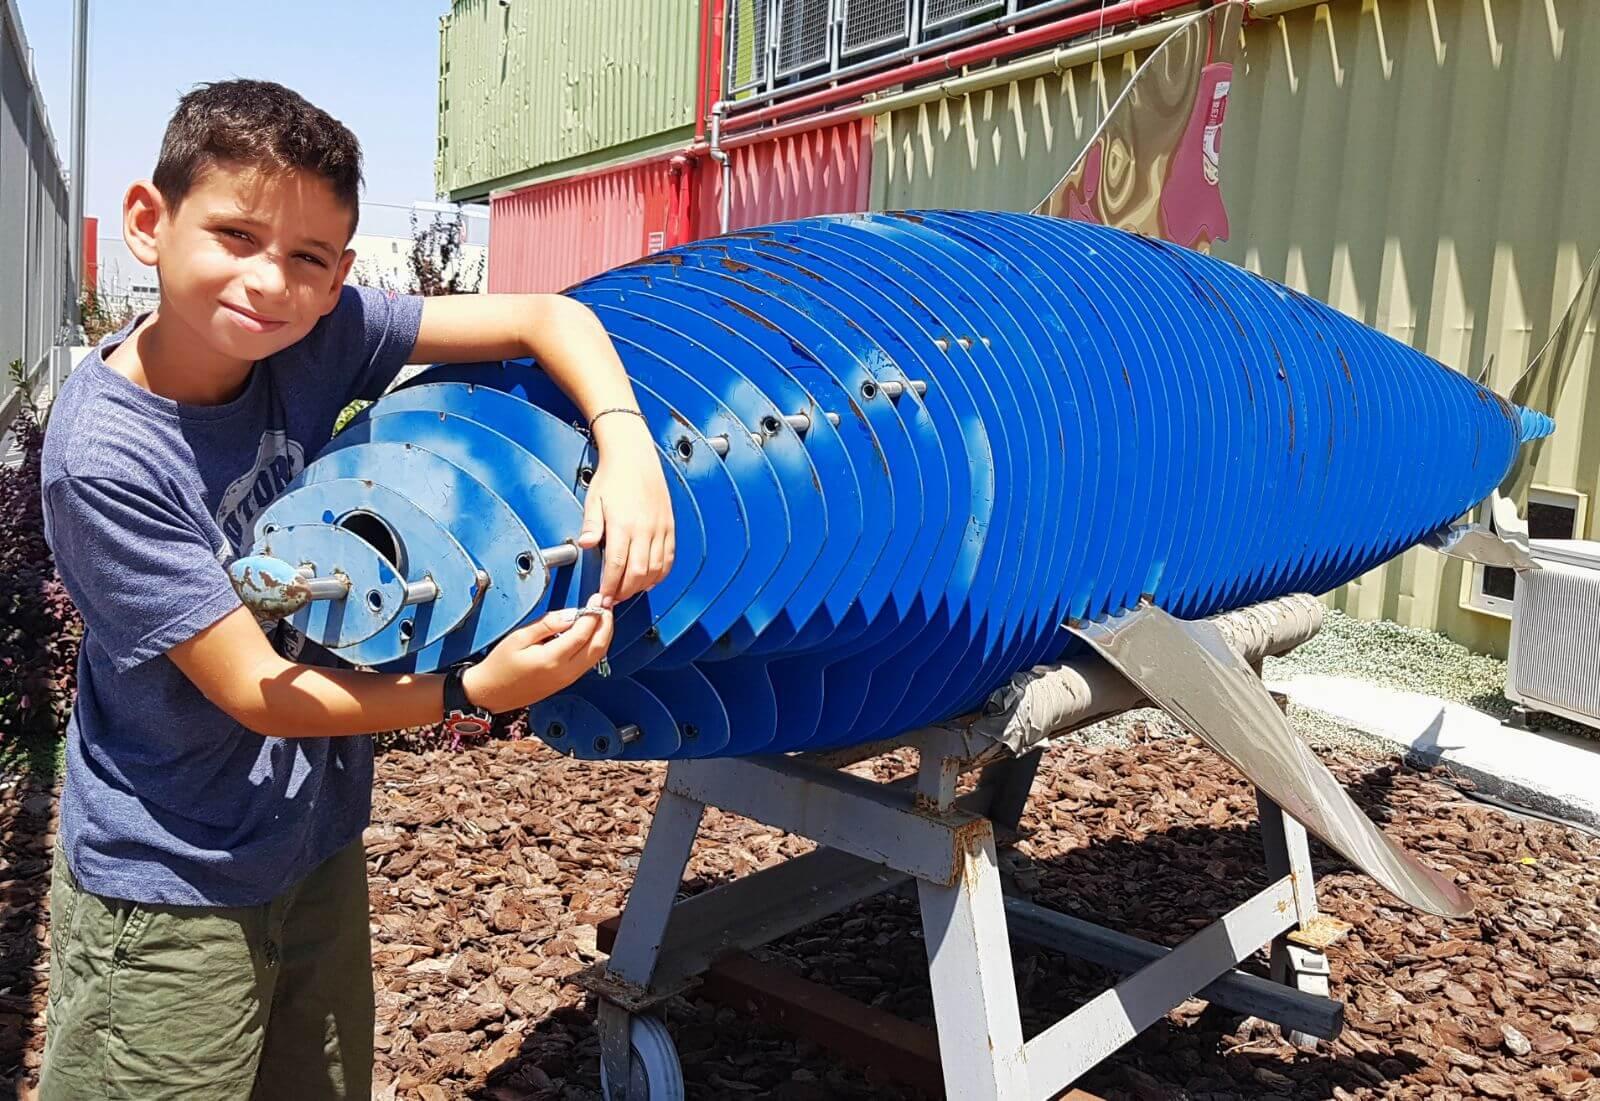 נער צעיר לצד כריש מחומרים ממוחזרים